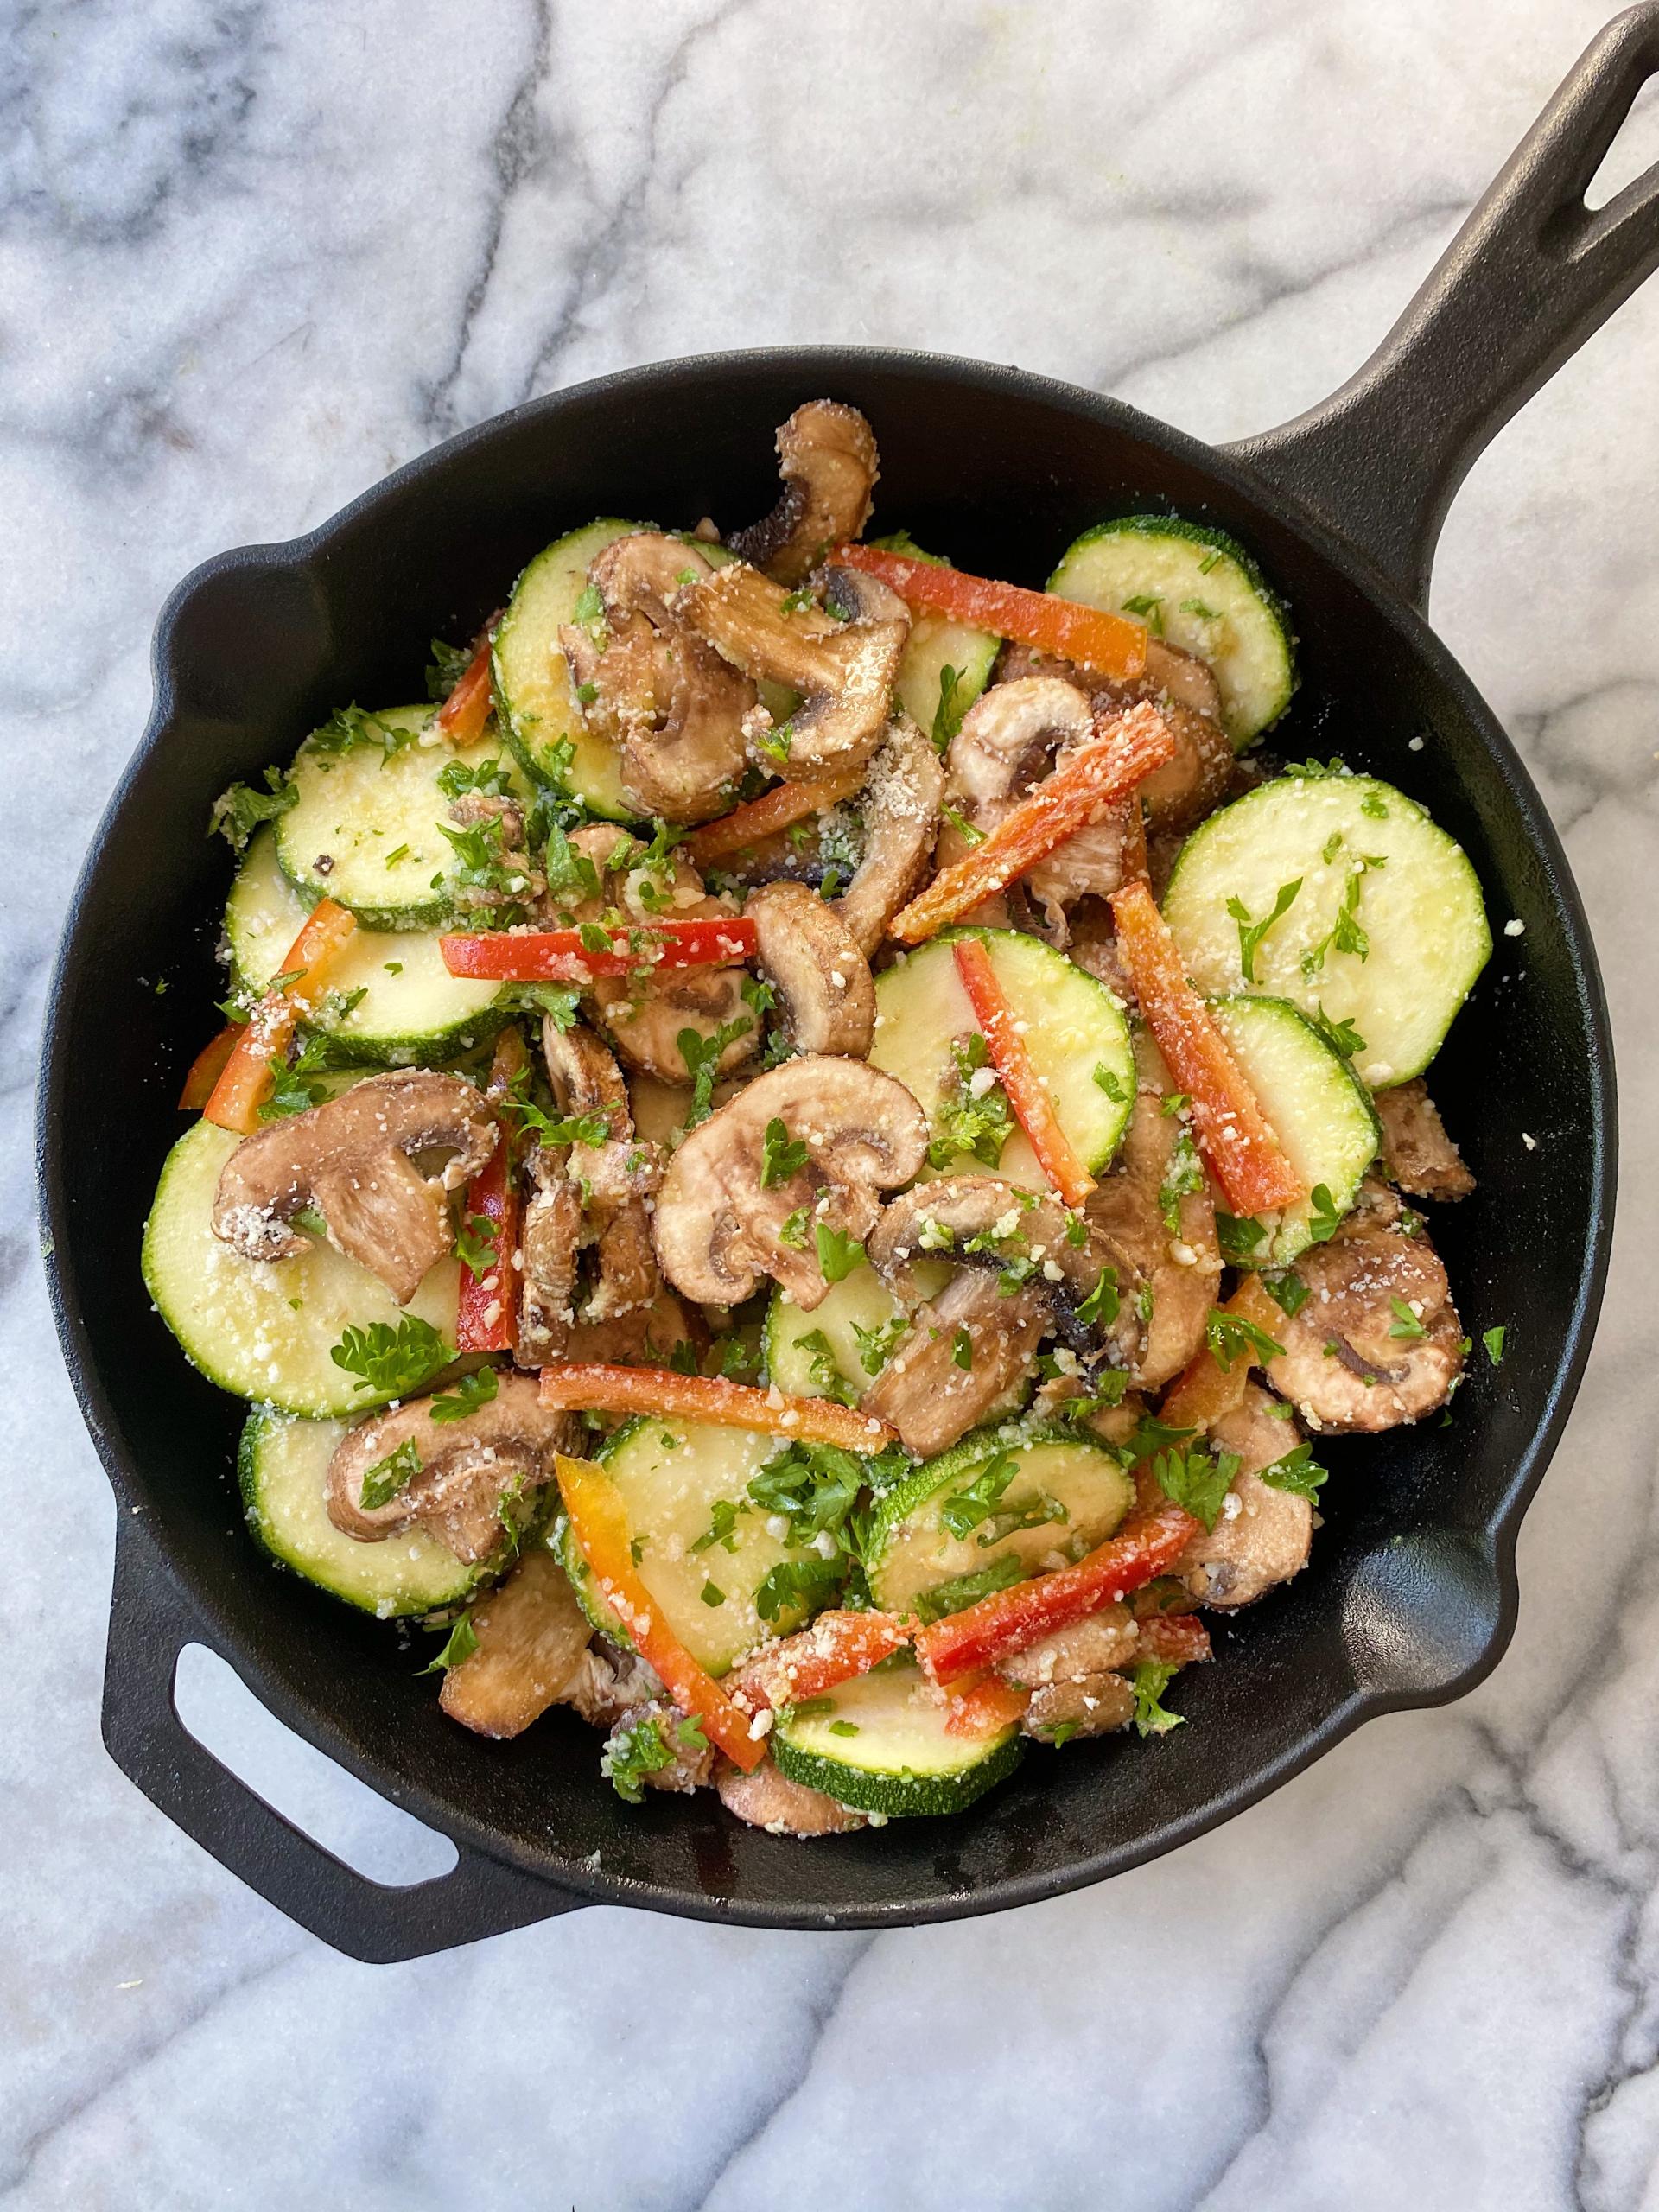 Easy Veggie Bake gluten free vegartarian recipe www.healthygffamily.com